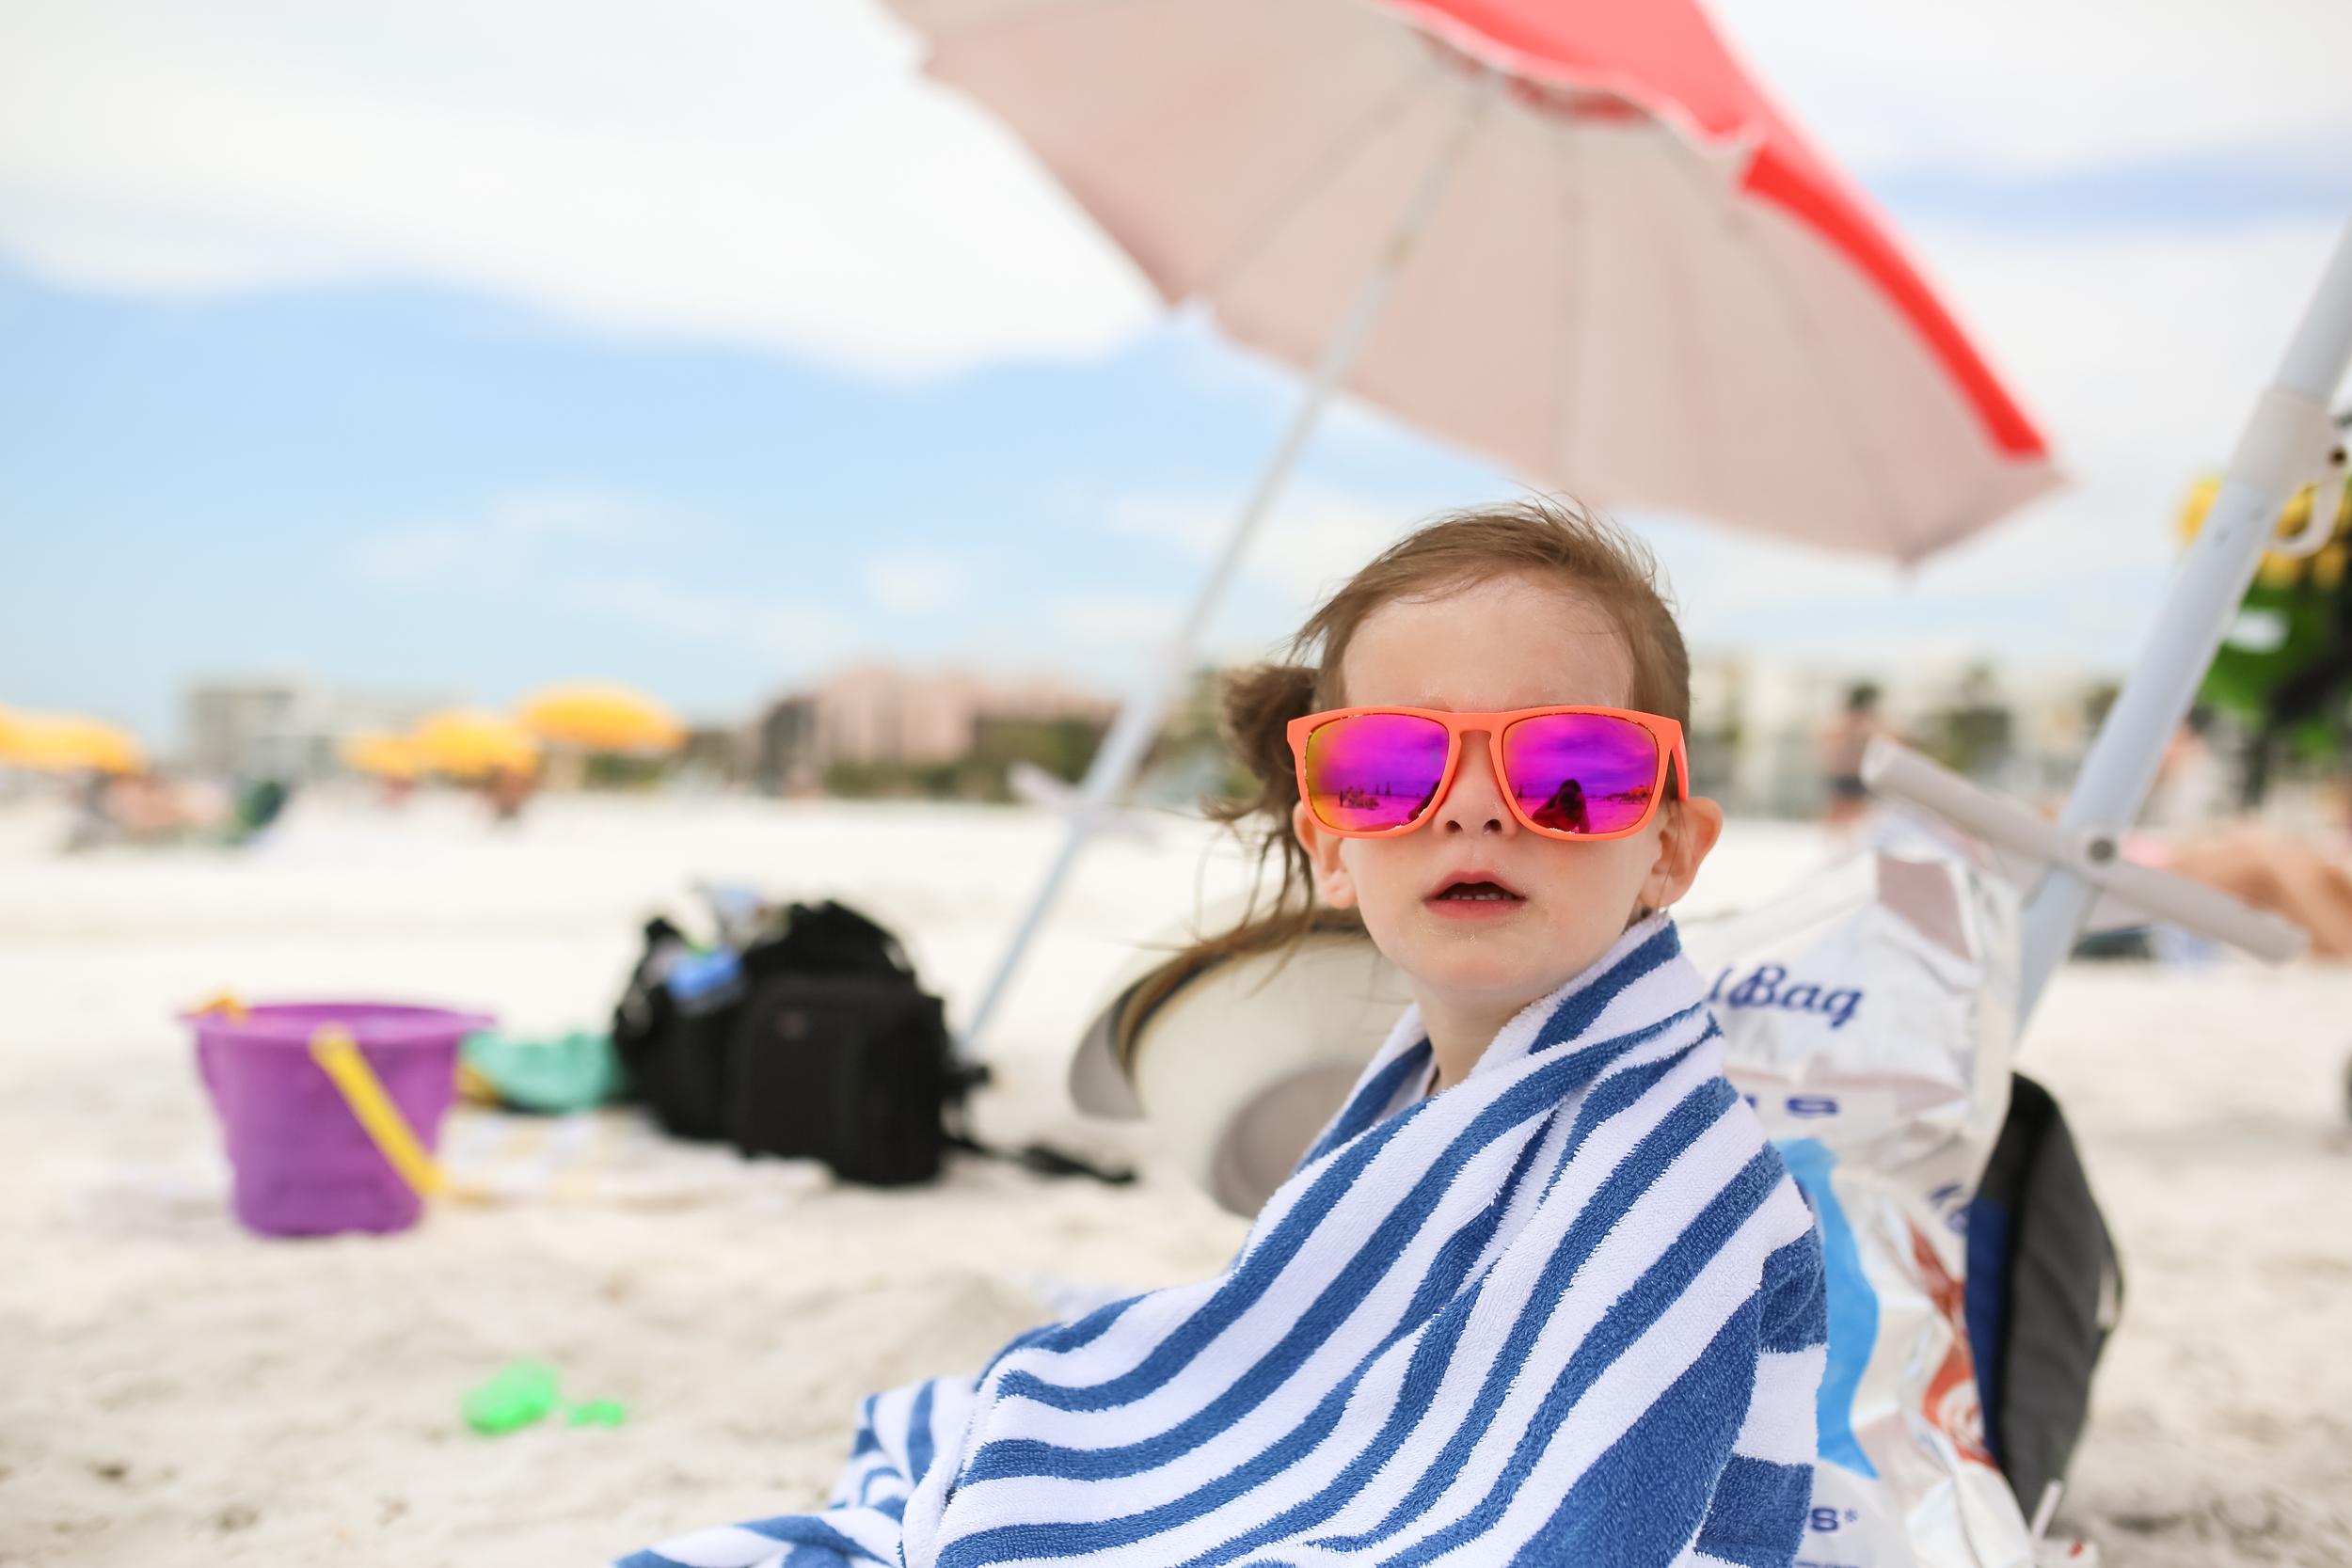 beach girl wearing sunglasses